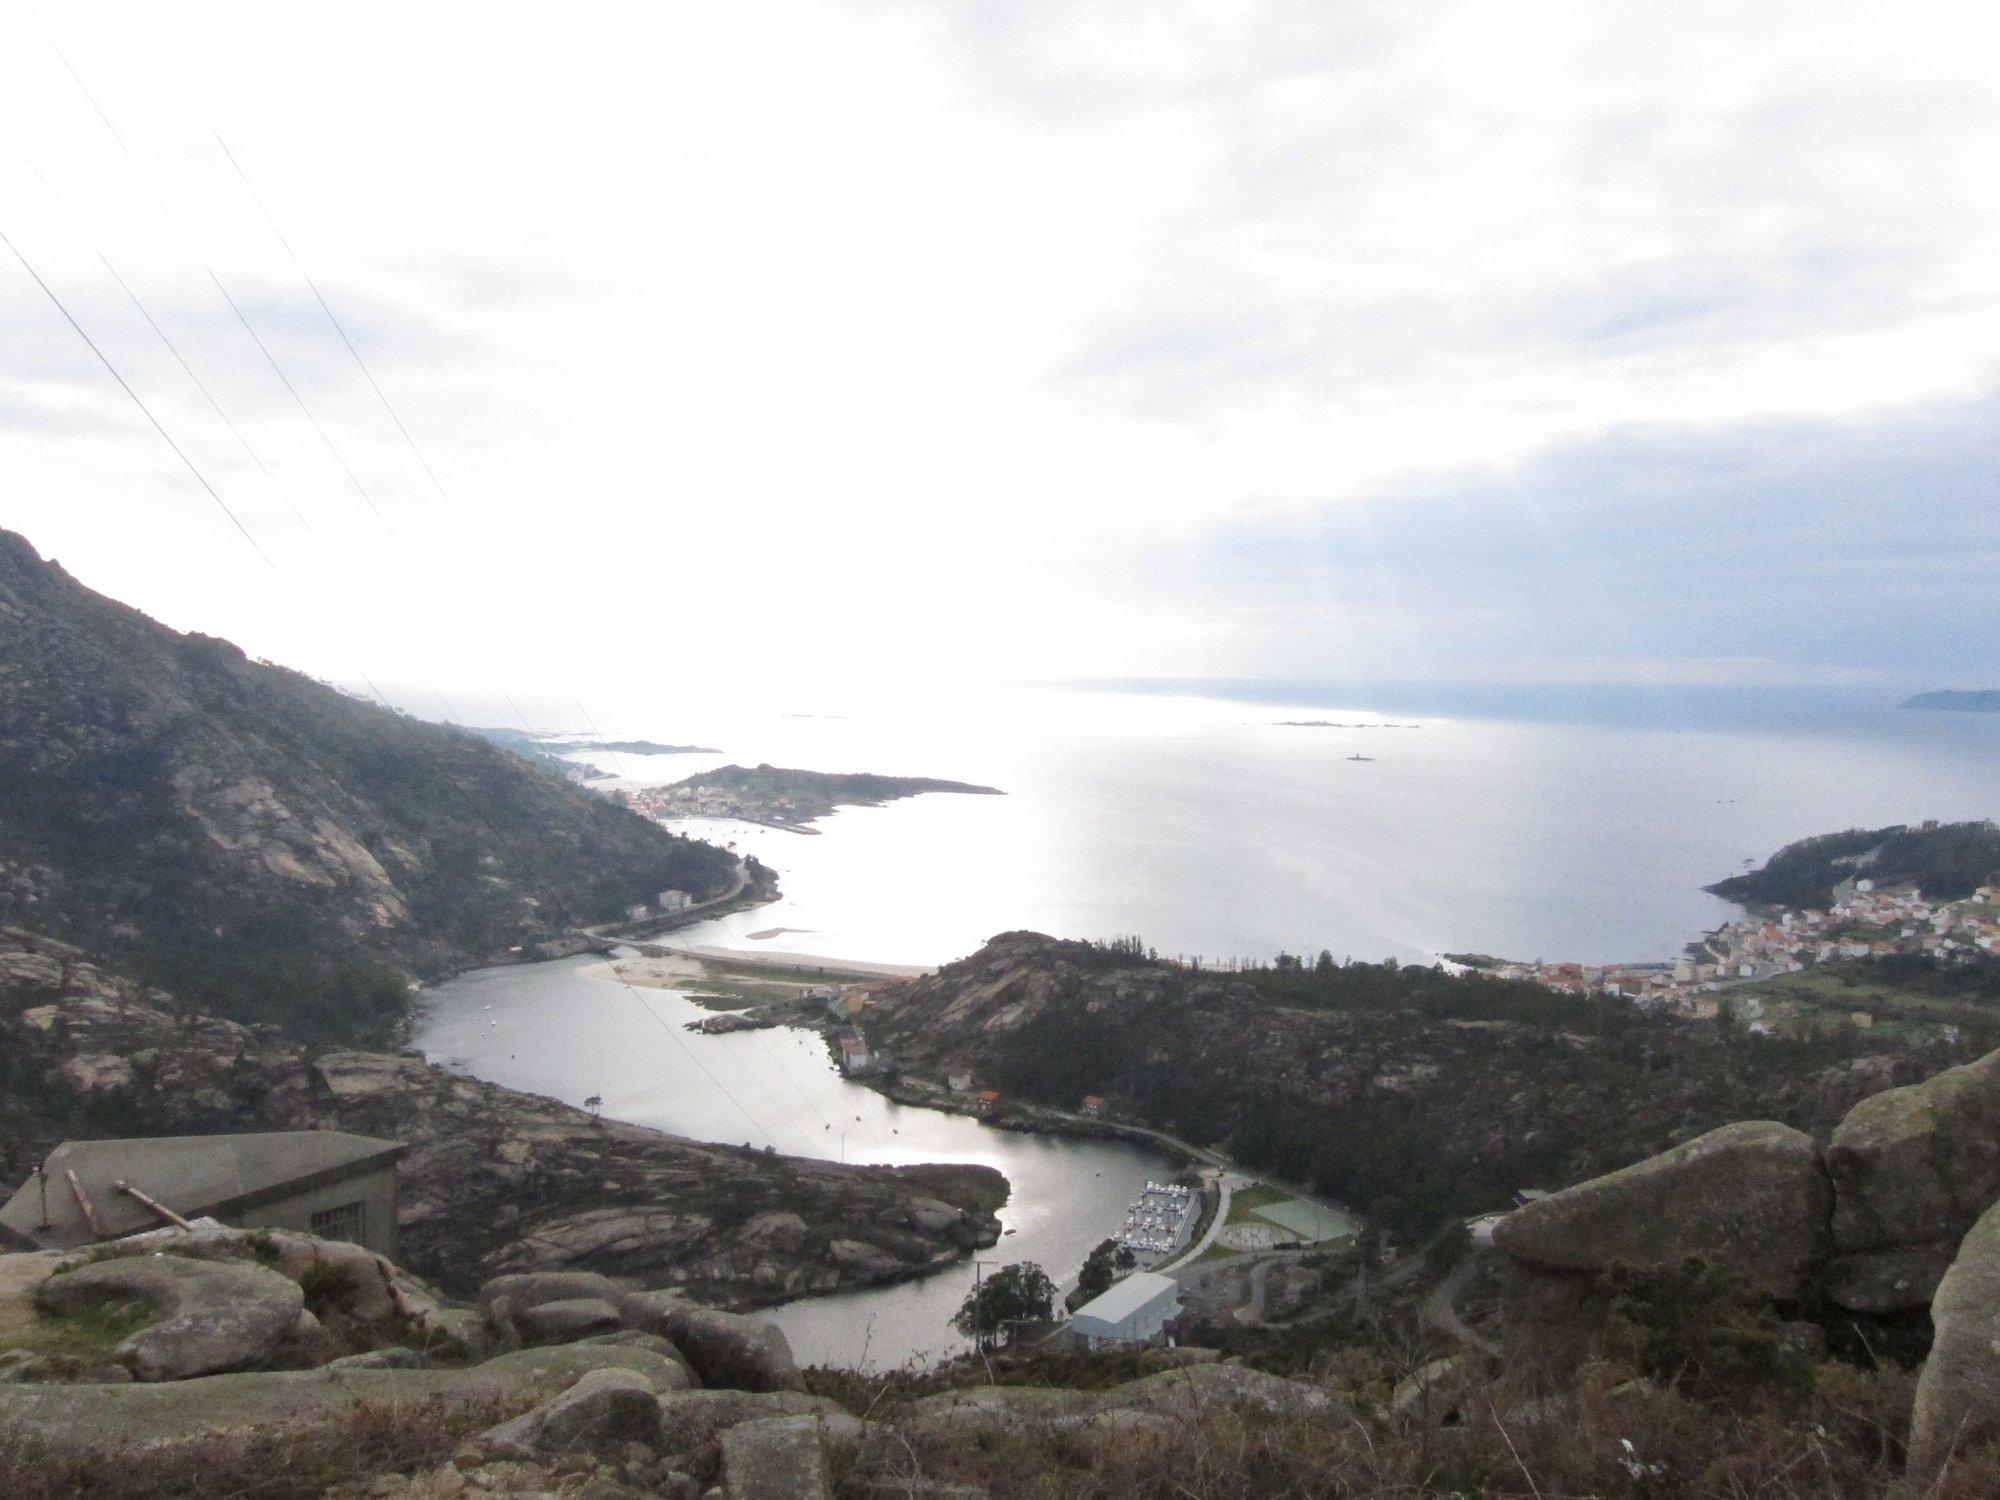 Buzos y una embarcación siguen la búsqueda de un posible cuerpo avistado en la playa de Ézaro, en Dumbría (A Coruña)